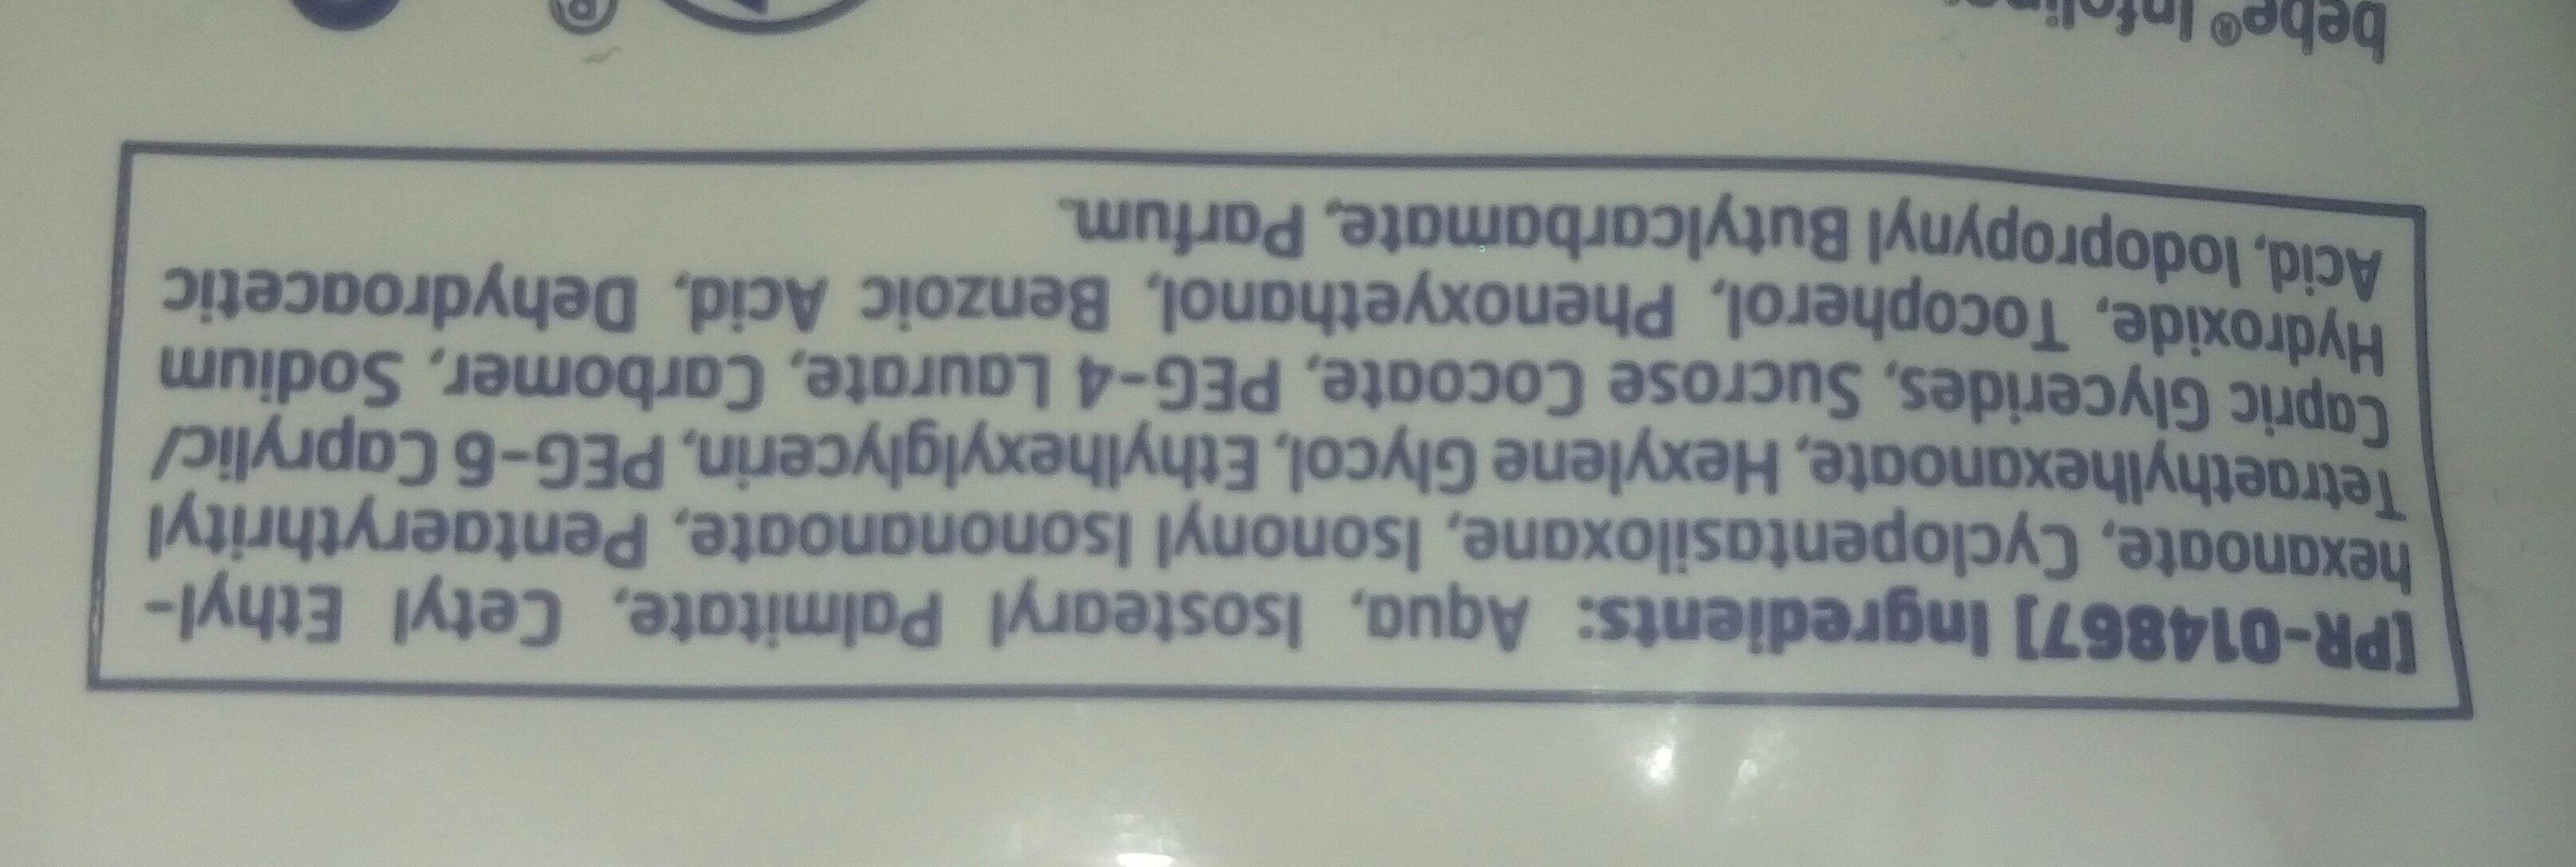 bebe 5in1 Erfrischende Reinigungstücher - Ingrédients - de